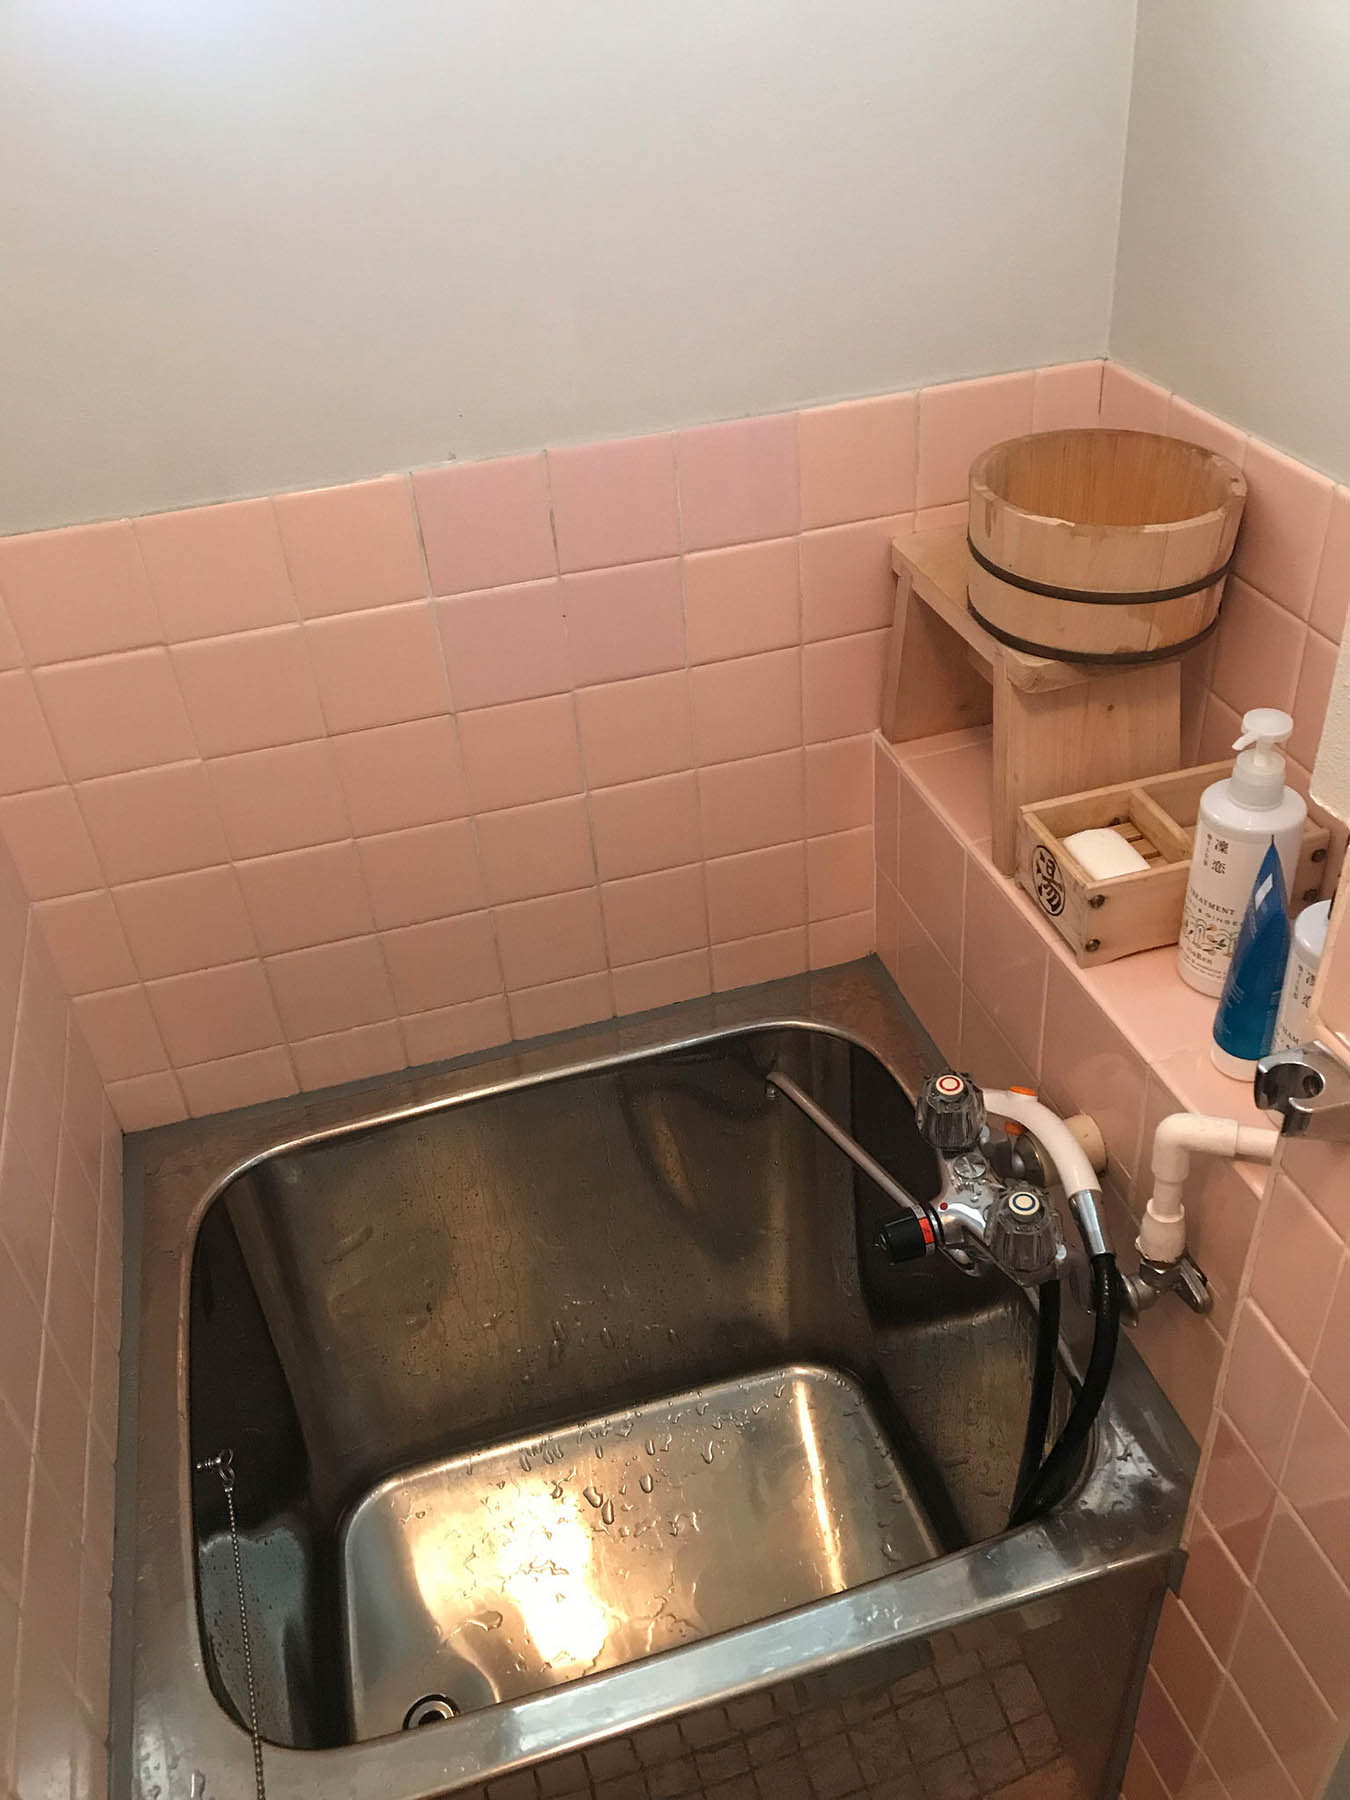 Если снимаете квартиру в центре Киото через «Эйр-би-эн-би», учтите, что дом может быть старым и с маленькой ванной: традиционно в Японии моются, сидя на деревянной табуретке. Вот в такой ванне мы мылись три дня